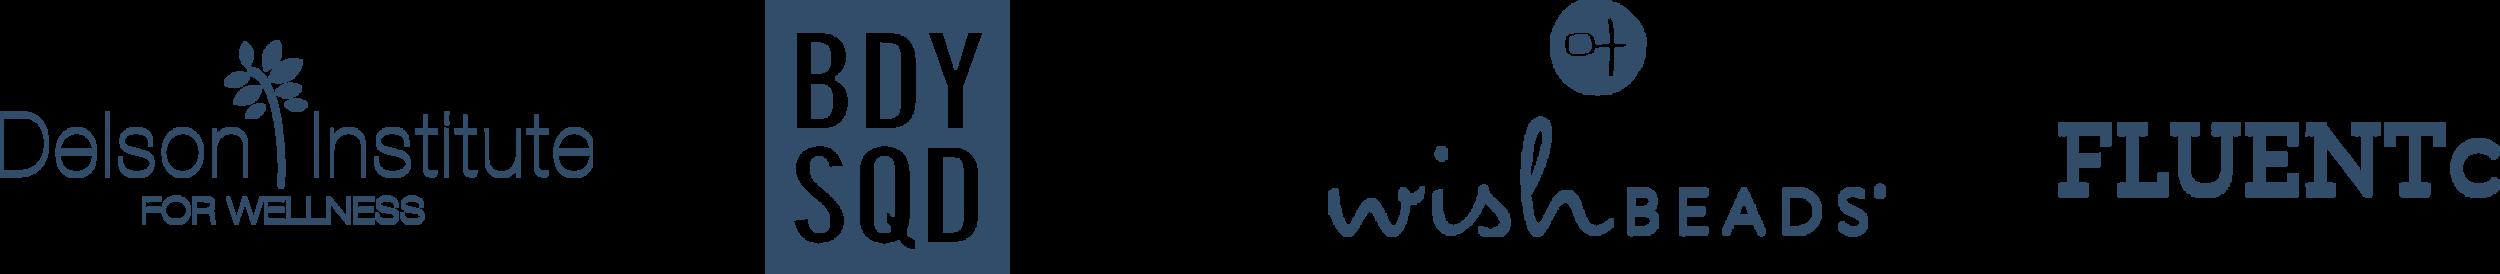 Client-Logo-AssetClient-Logos-2.png